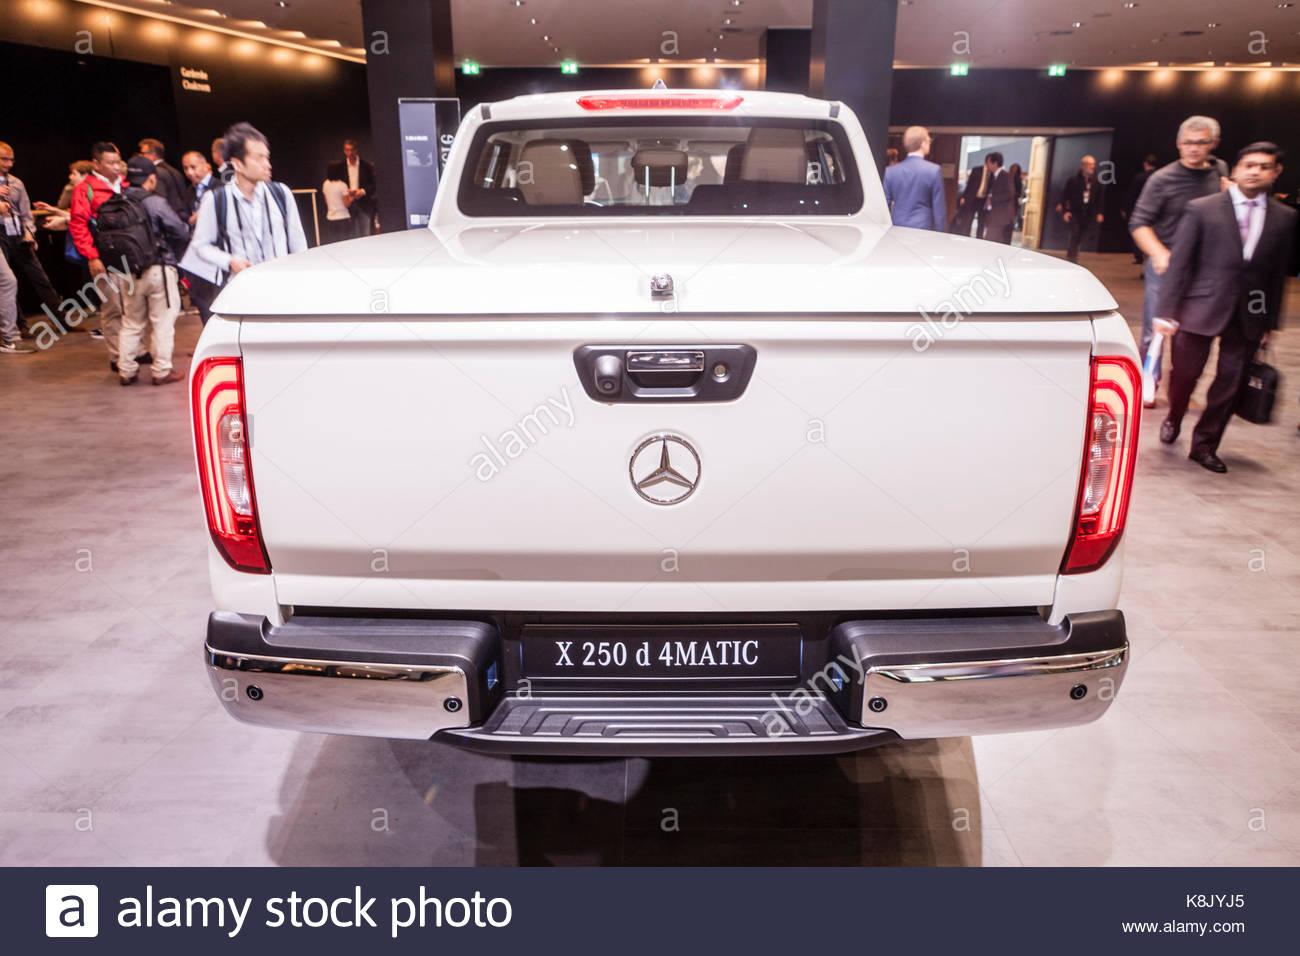 mercedes benz x 250 d 4matic pick up truck at iaa 2017 car. Black Bedroom Furniture Sets. Home Design Ideas